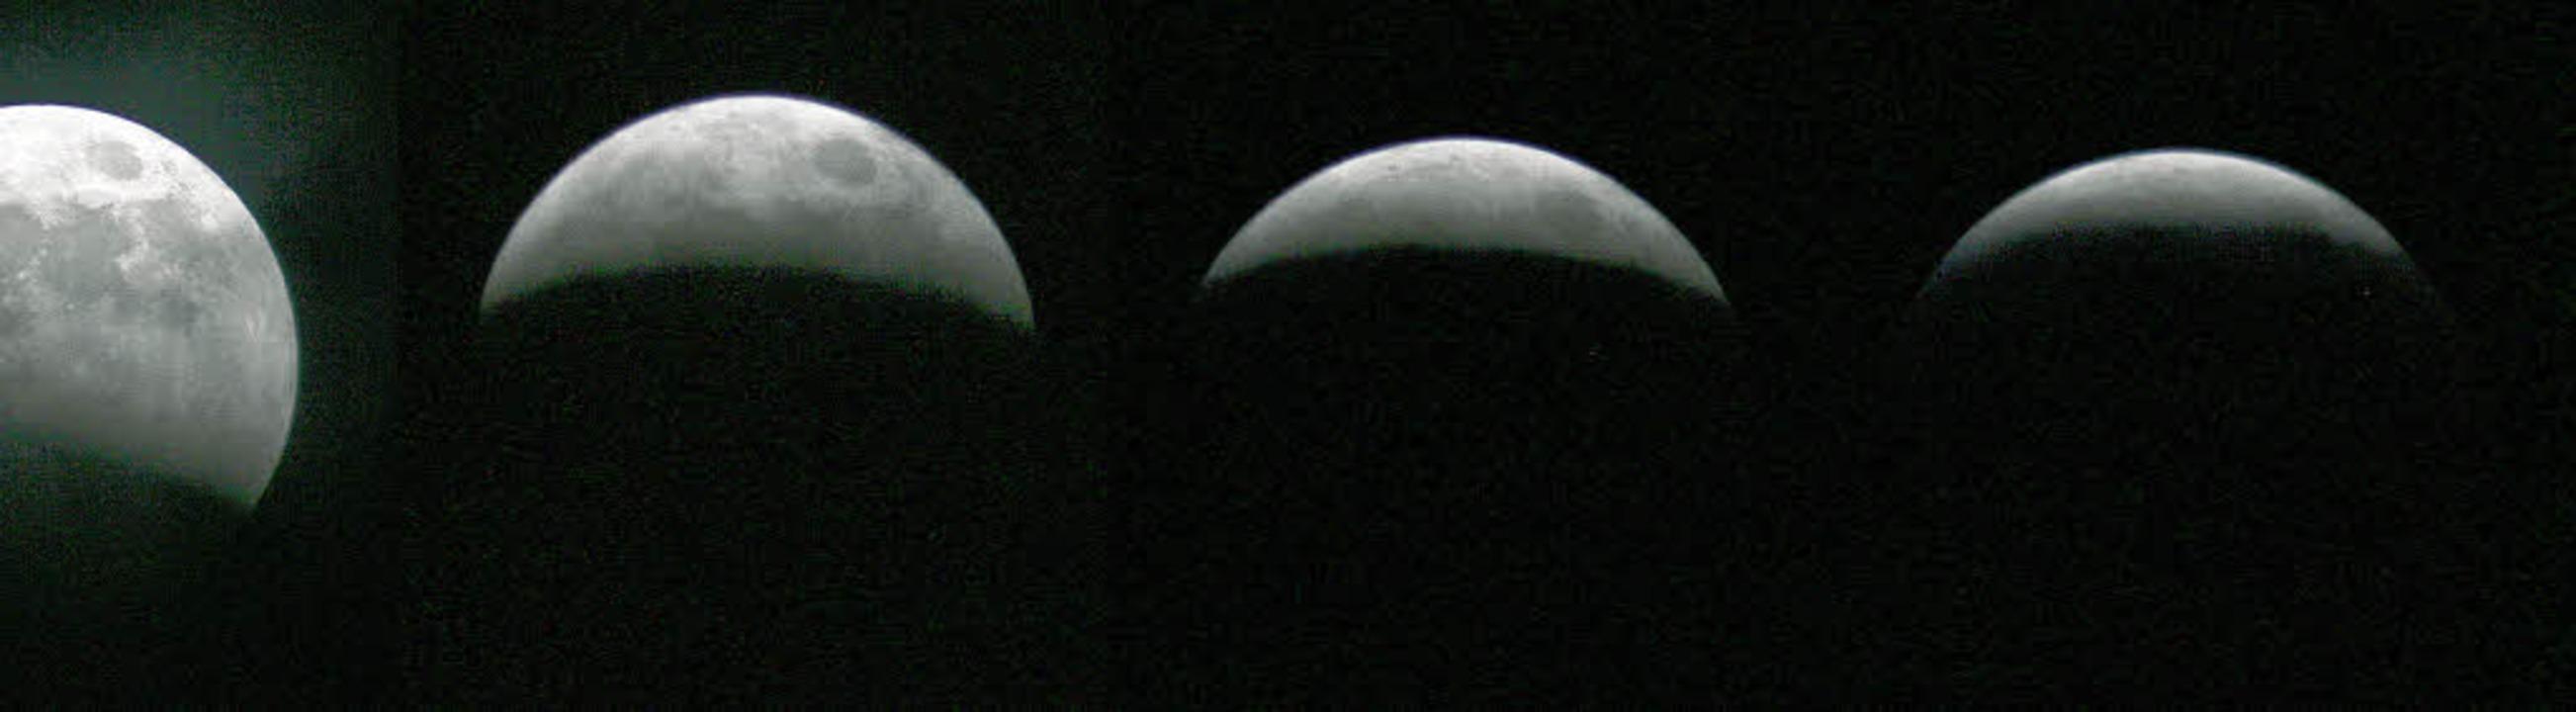 Verlauf der totalen Mondfinsternis am ...rg, wie sie im März 2007 zu sehen war.    Foto: dpa